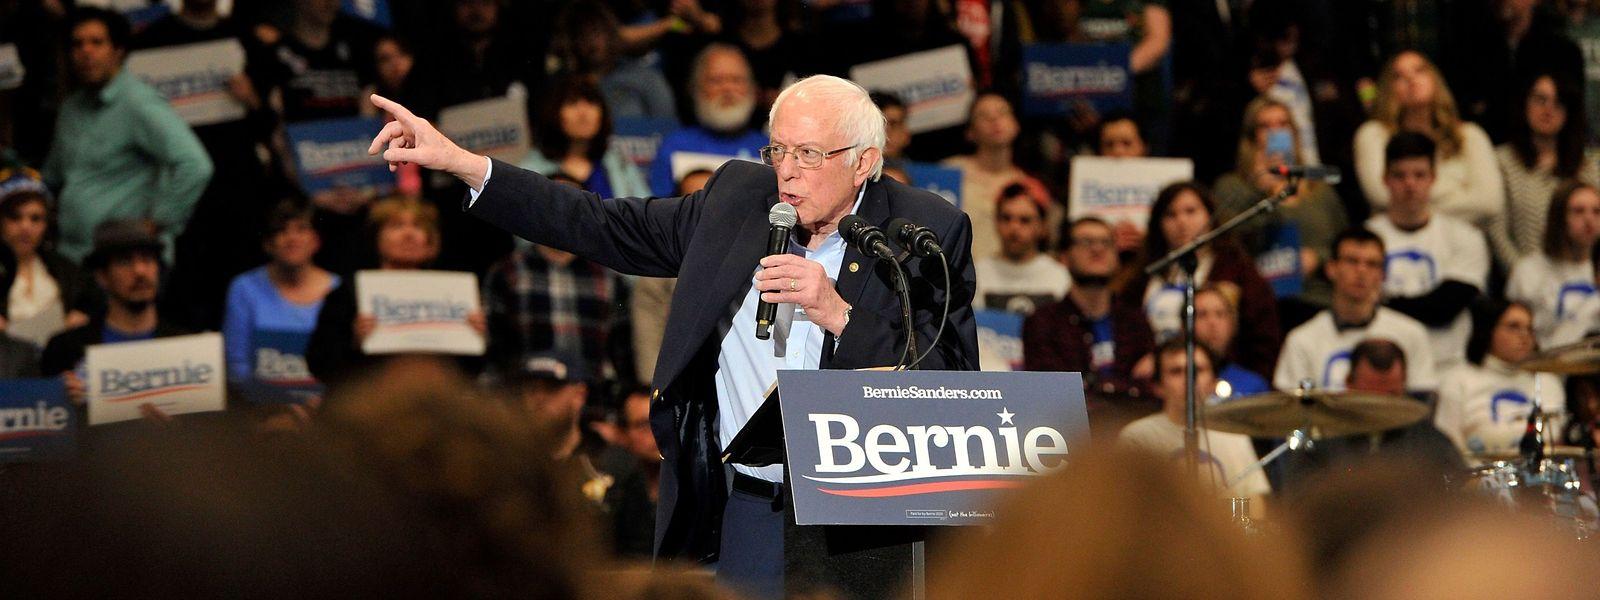 Der demokratische Präsidentschaftskandidat Bernie Sanders bei einem Wahlkampfevent an der University of New Hampshire in Durham, New Hampshire.